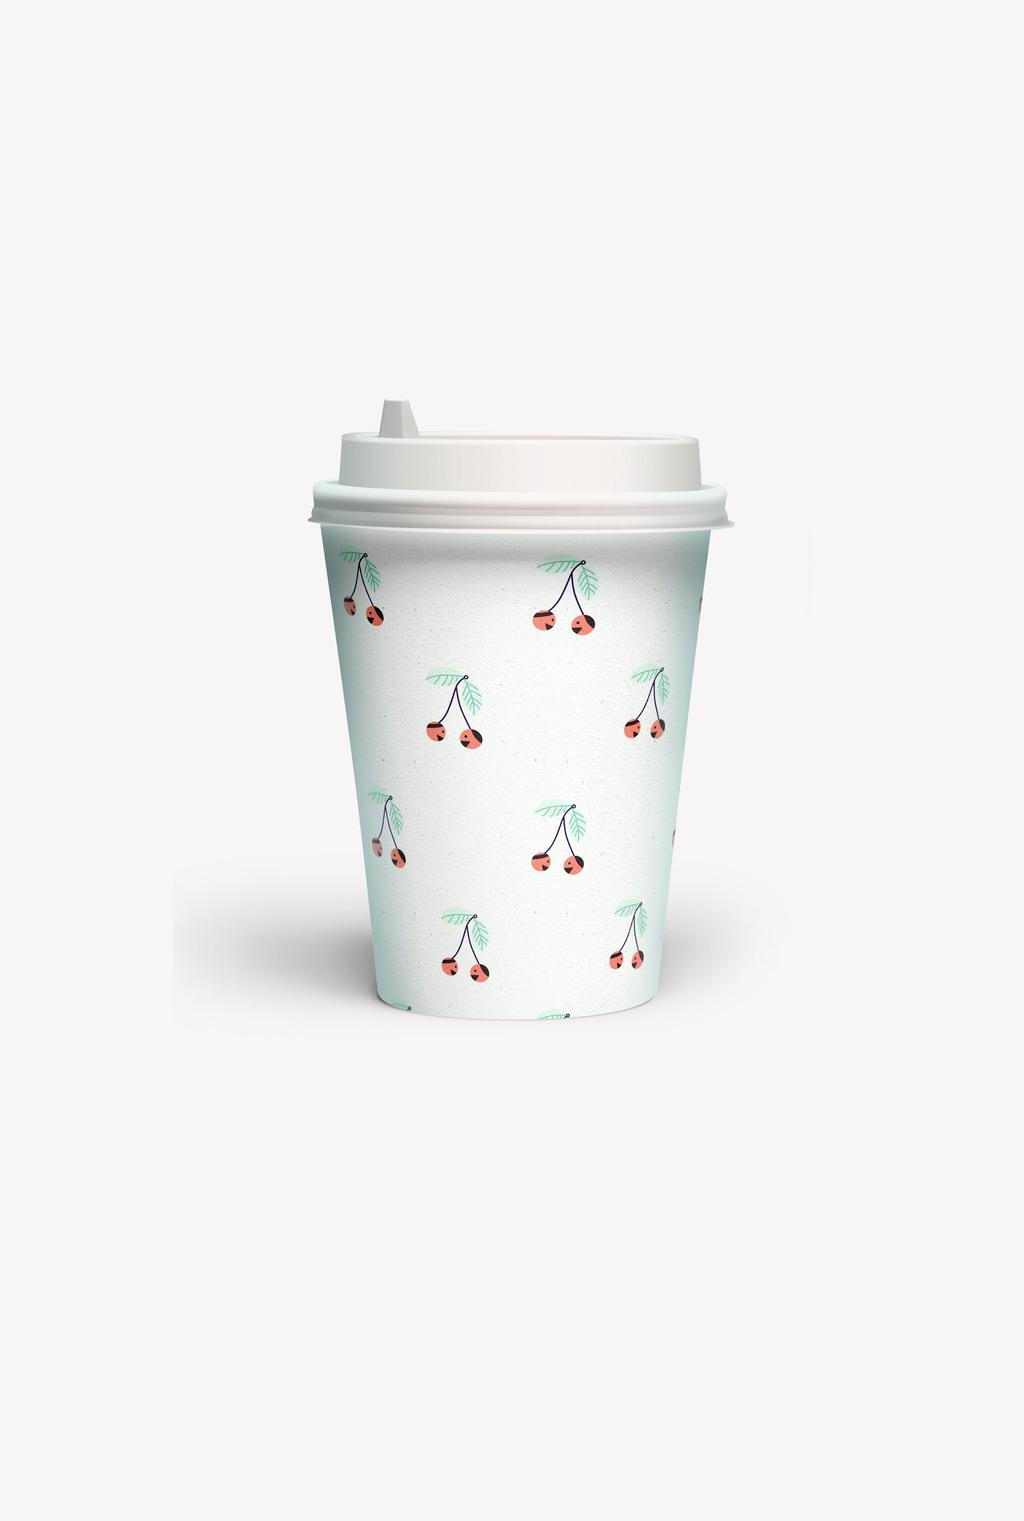 小清晰樱桃图案设计植物卡通